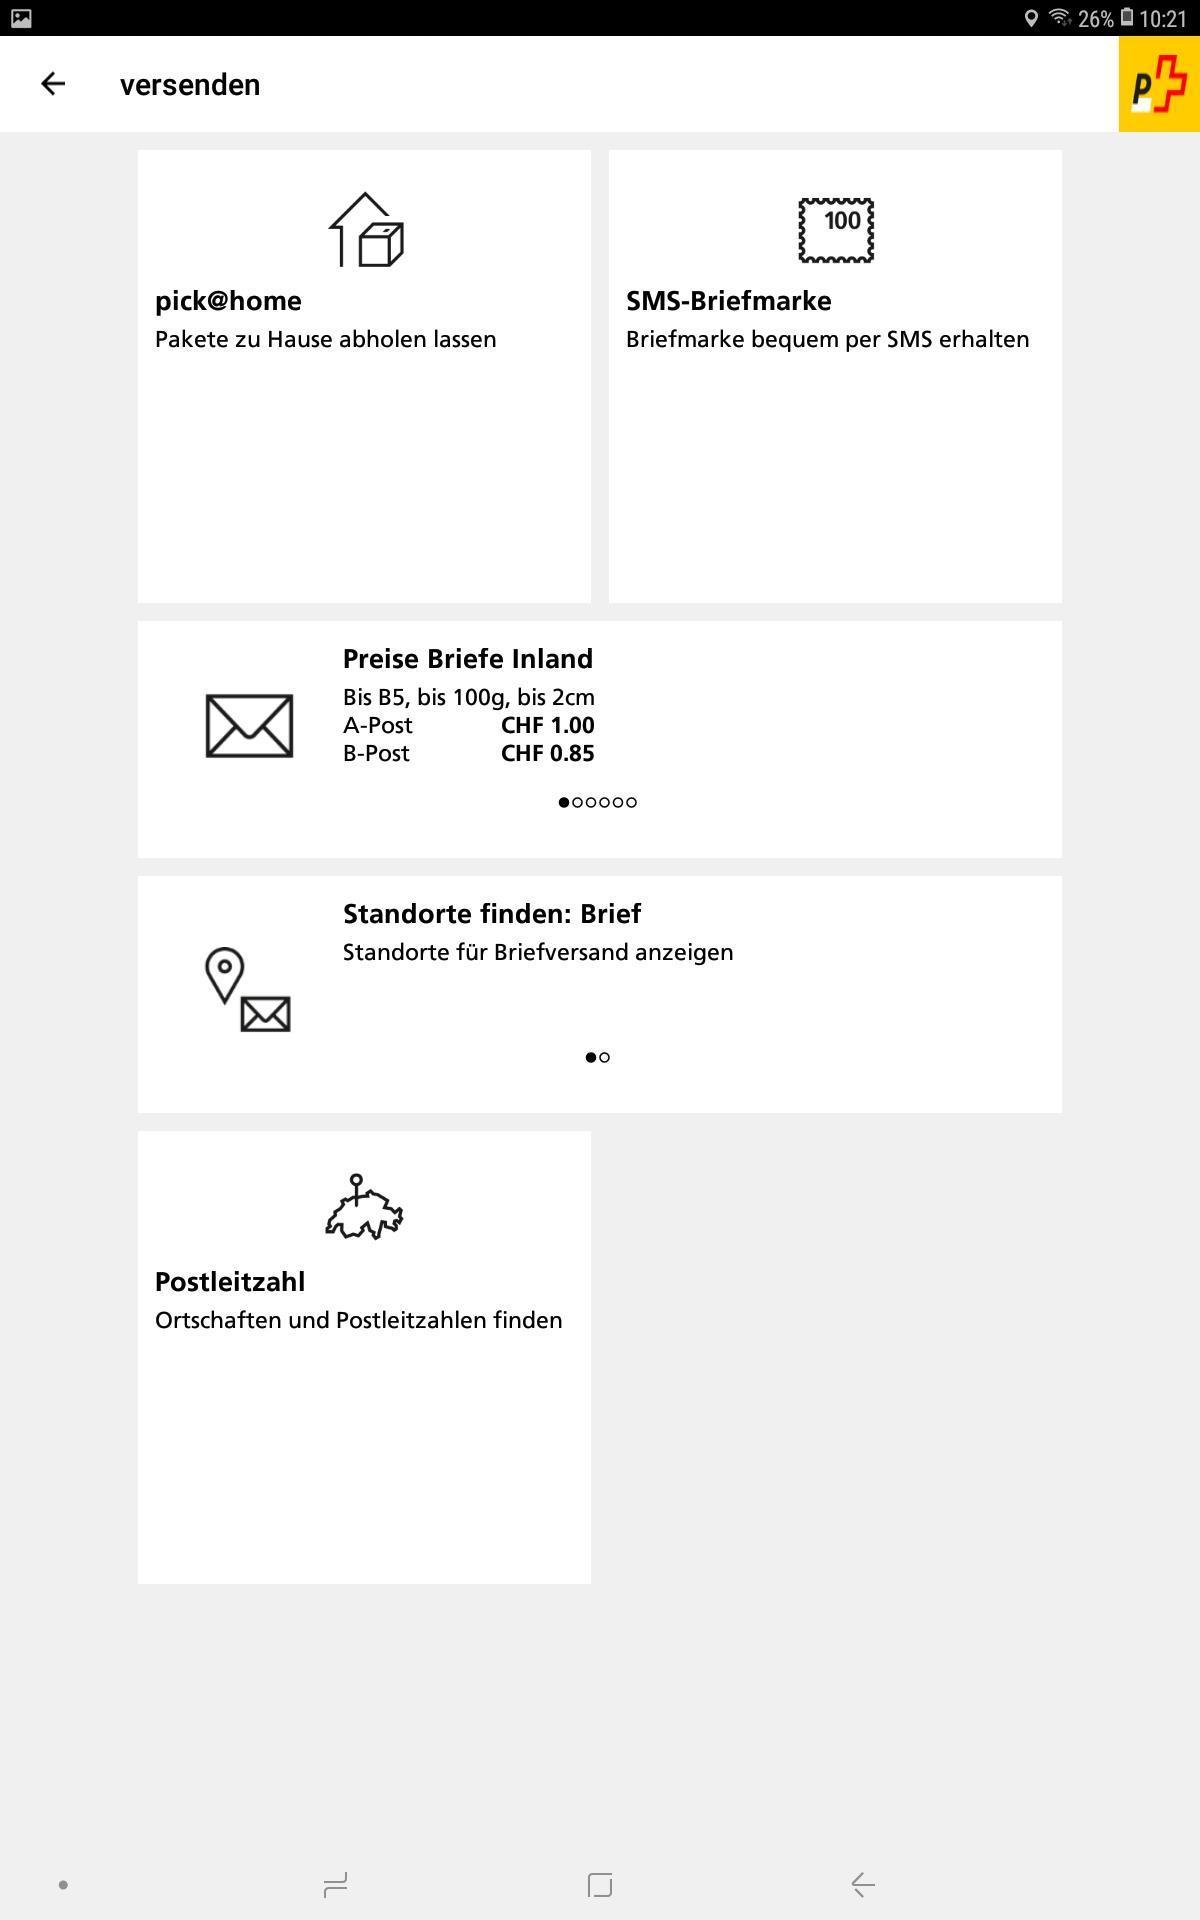 App Der Schweizerischen Post For Android Apk Download